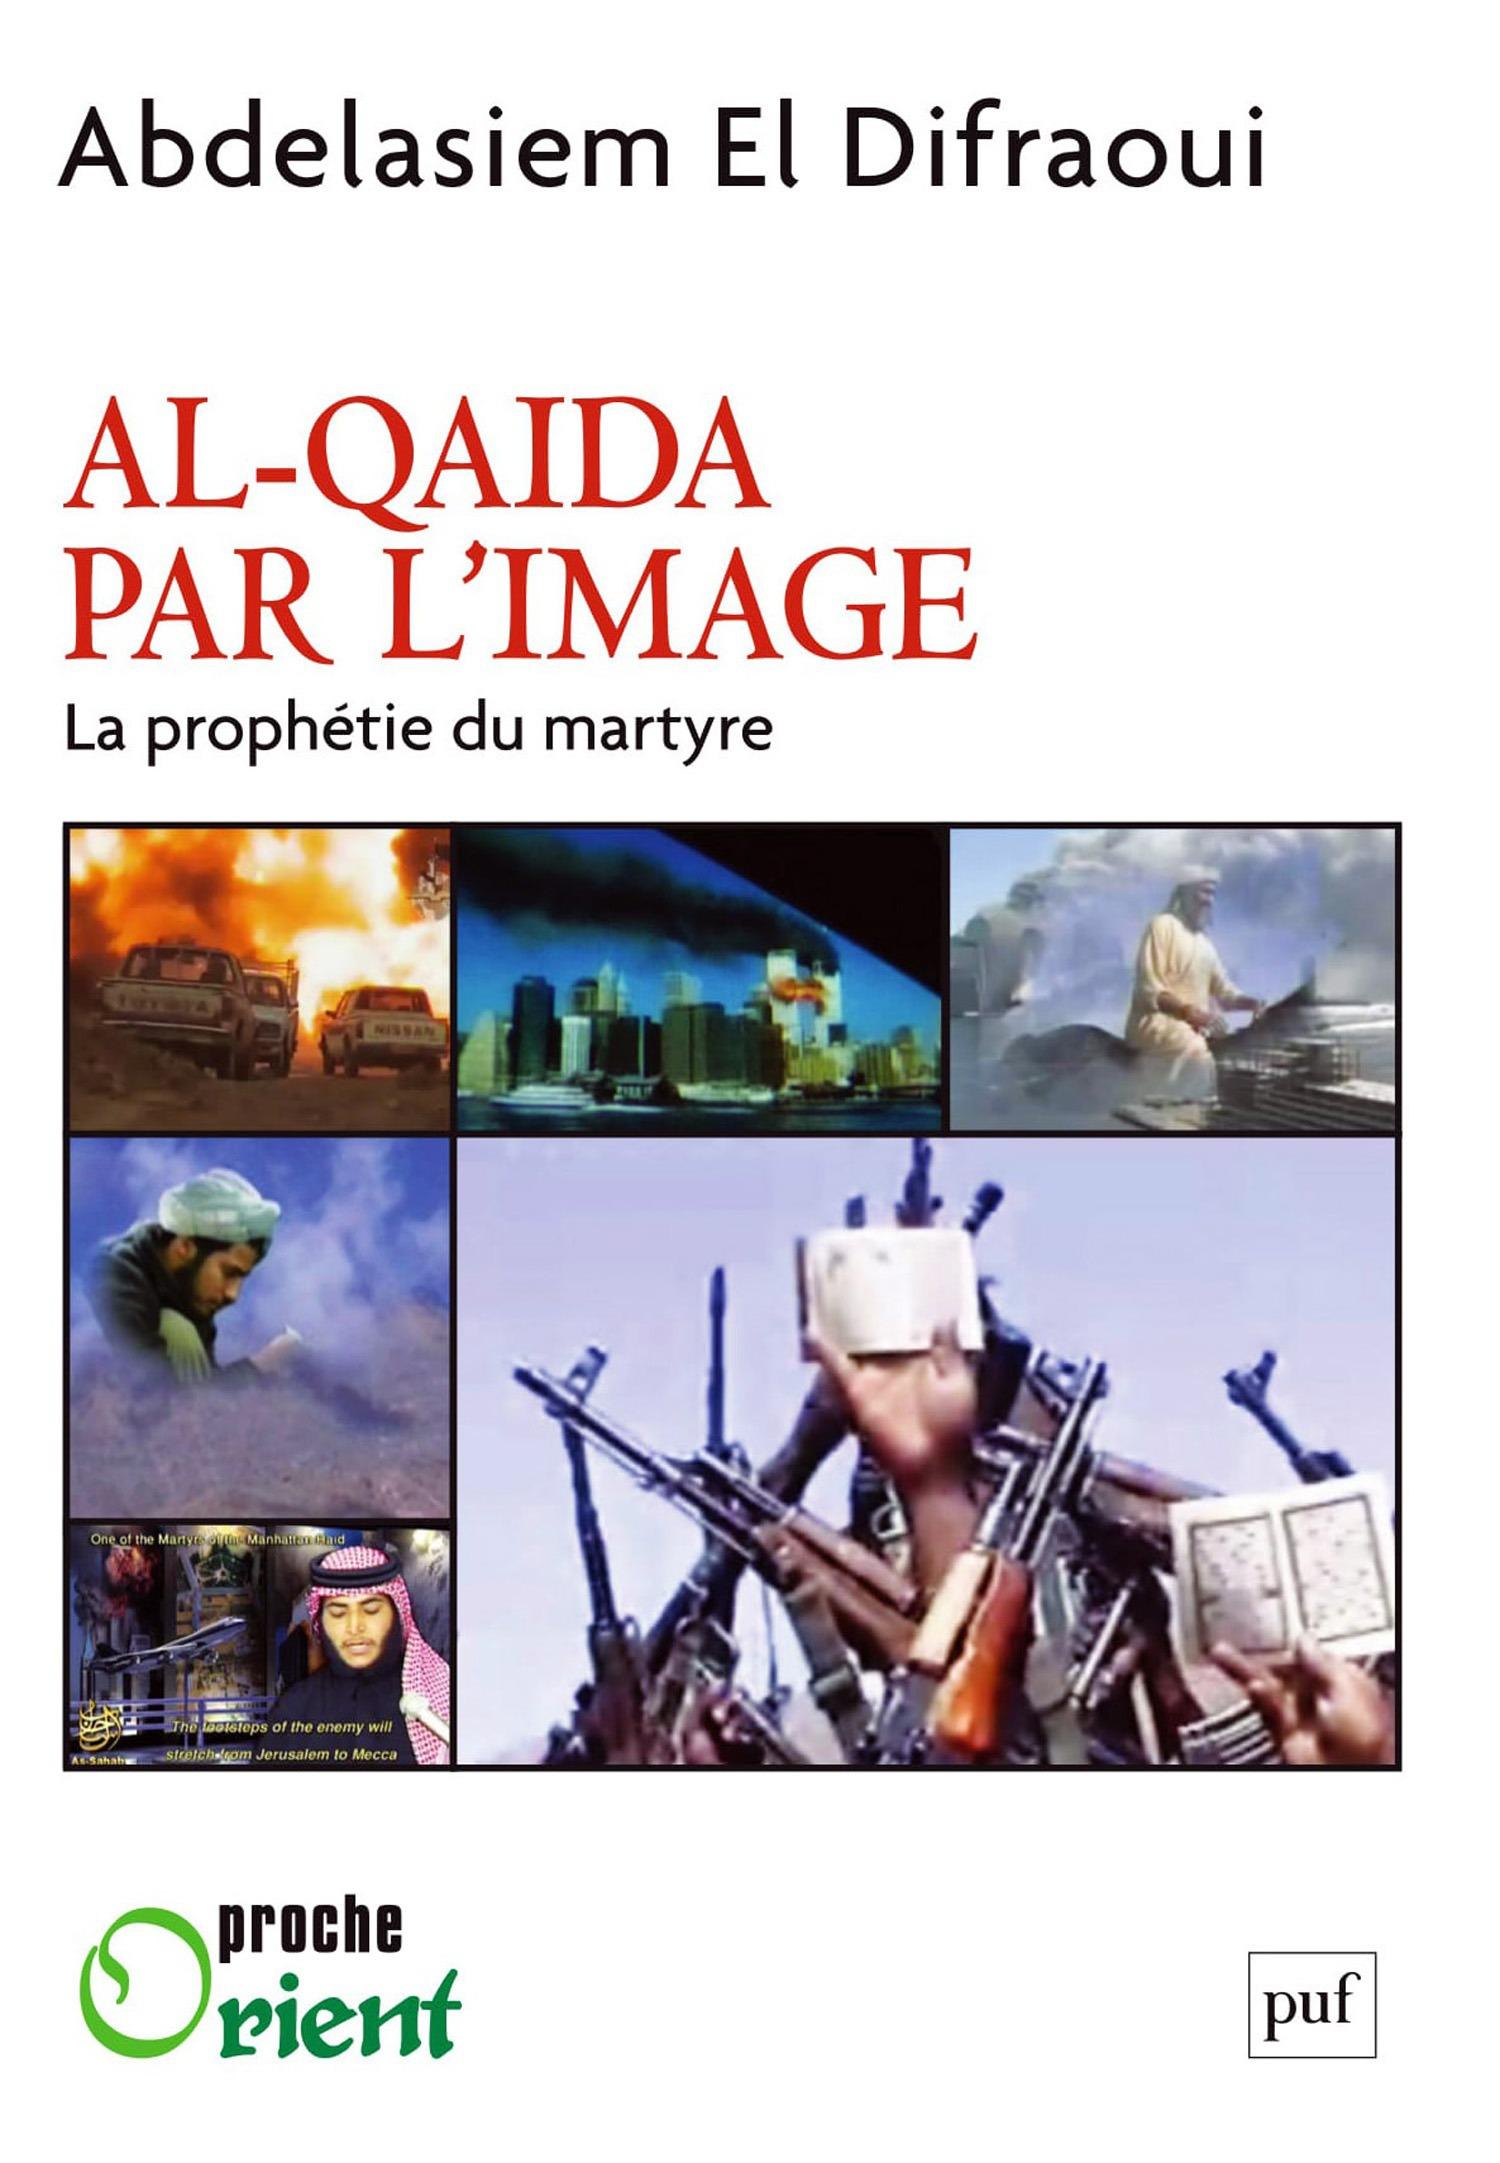 Al-Qaida par l'image